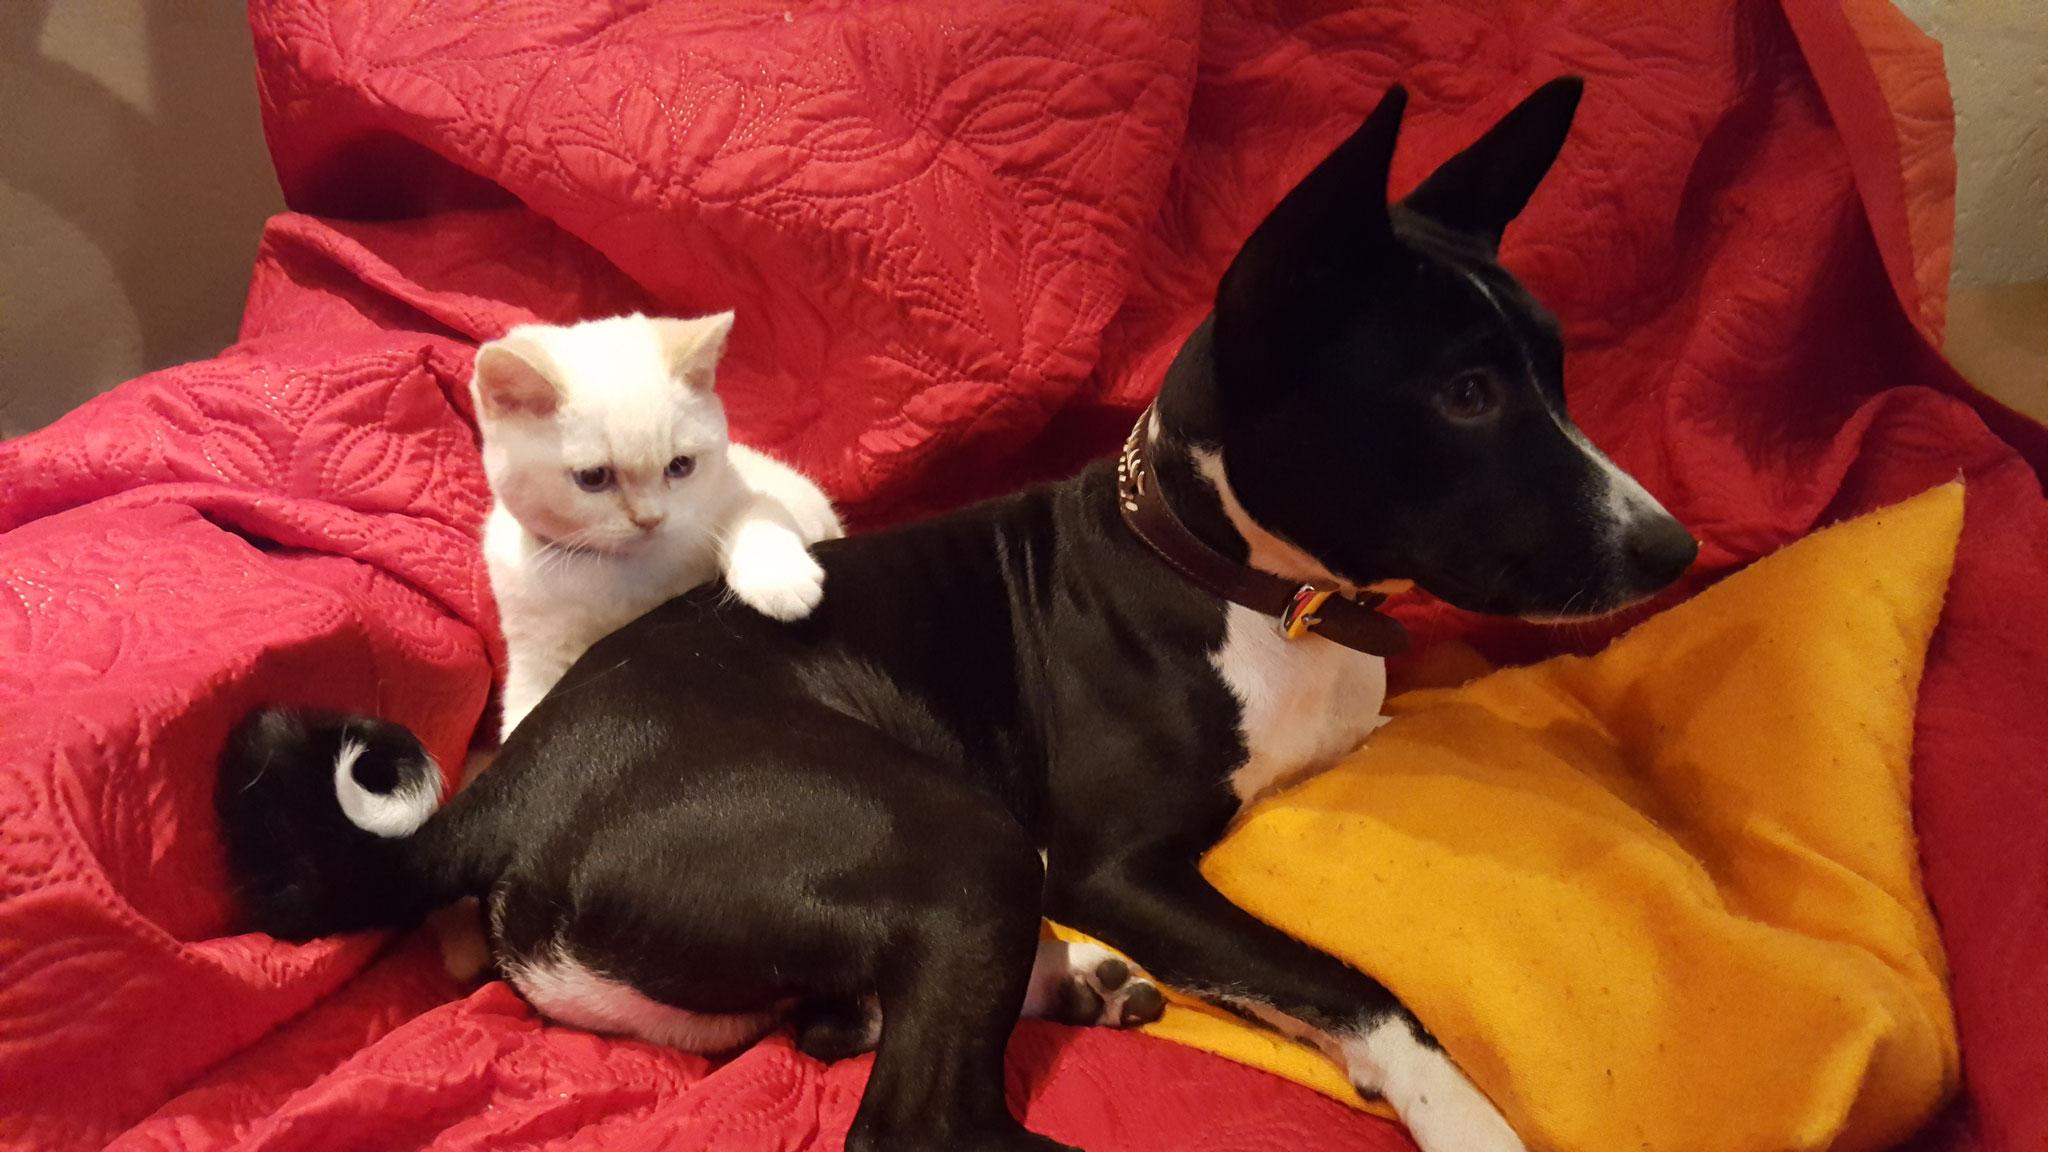 Bild eins zeigt unseren Bunny mit seinem neuen kleinen Freund...